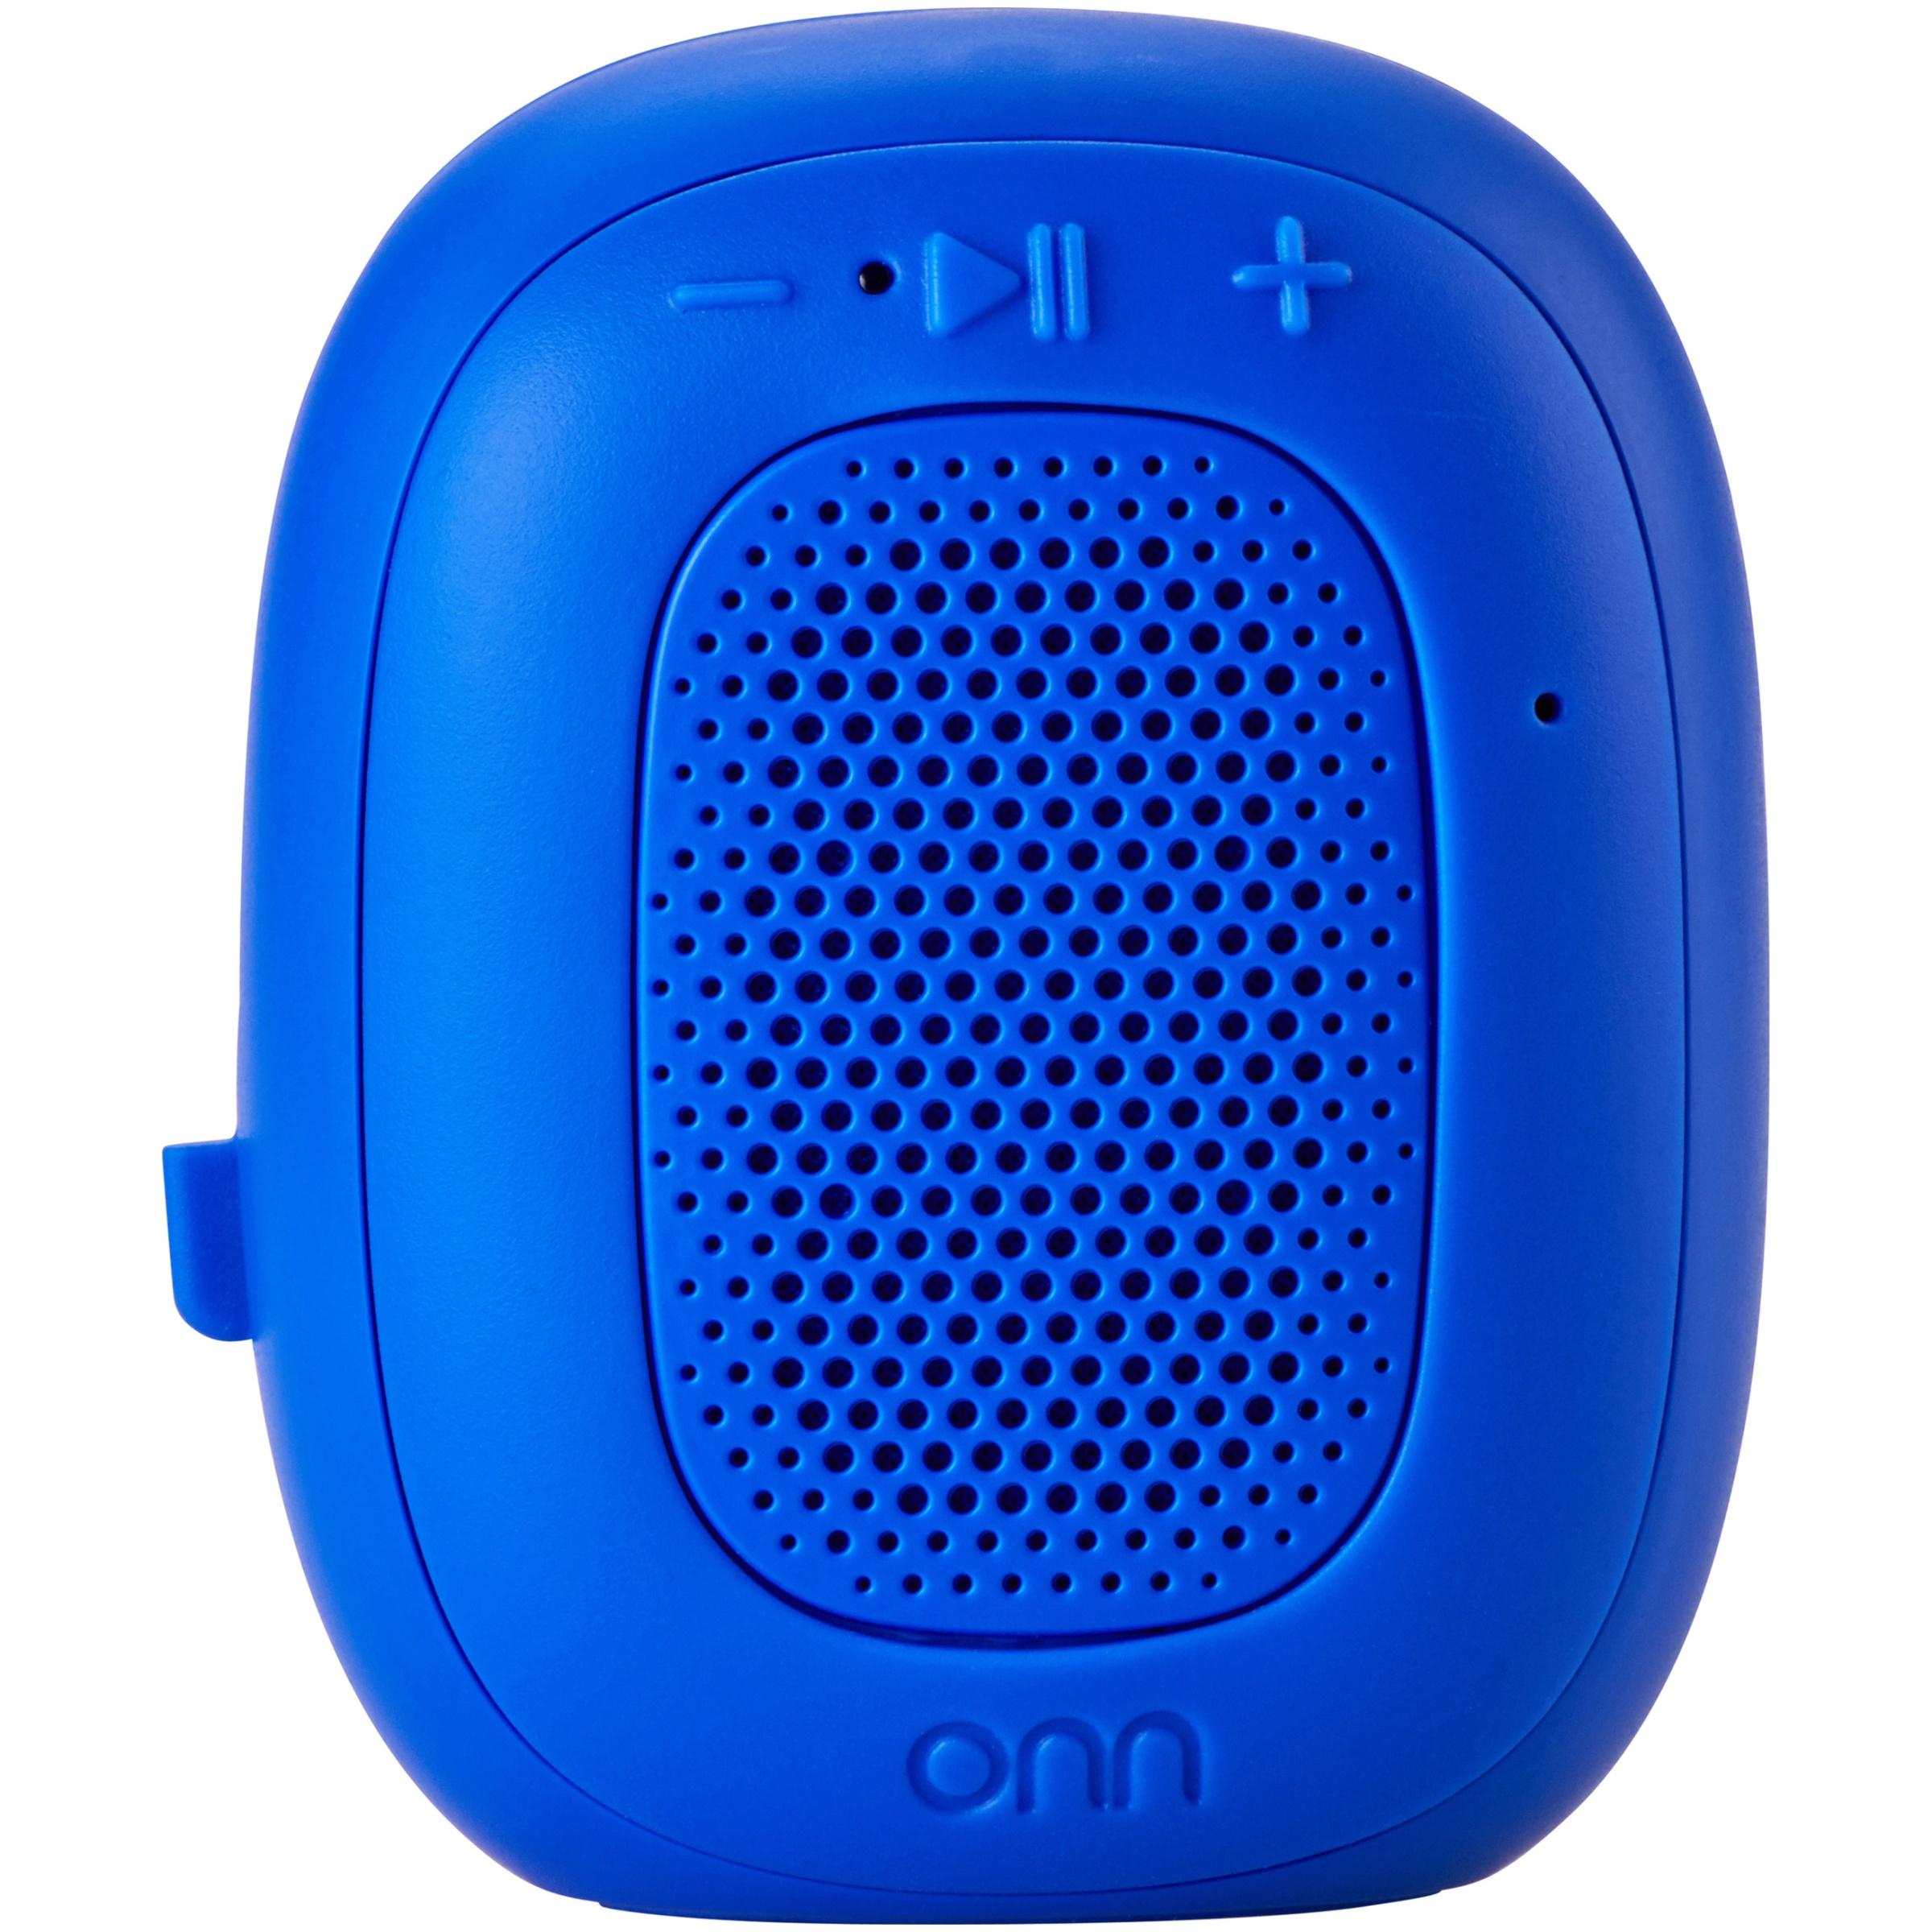 ONN Mini Bluetooth Speaker 1$ YMMV $1